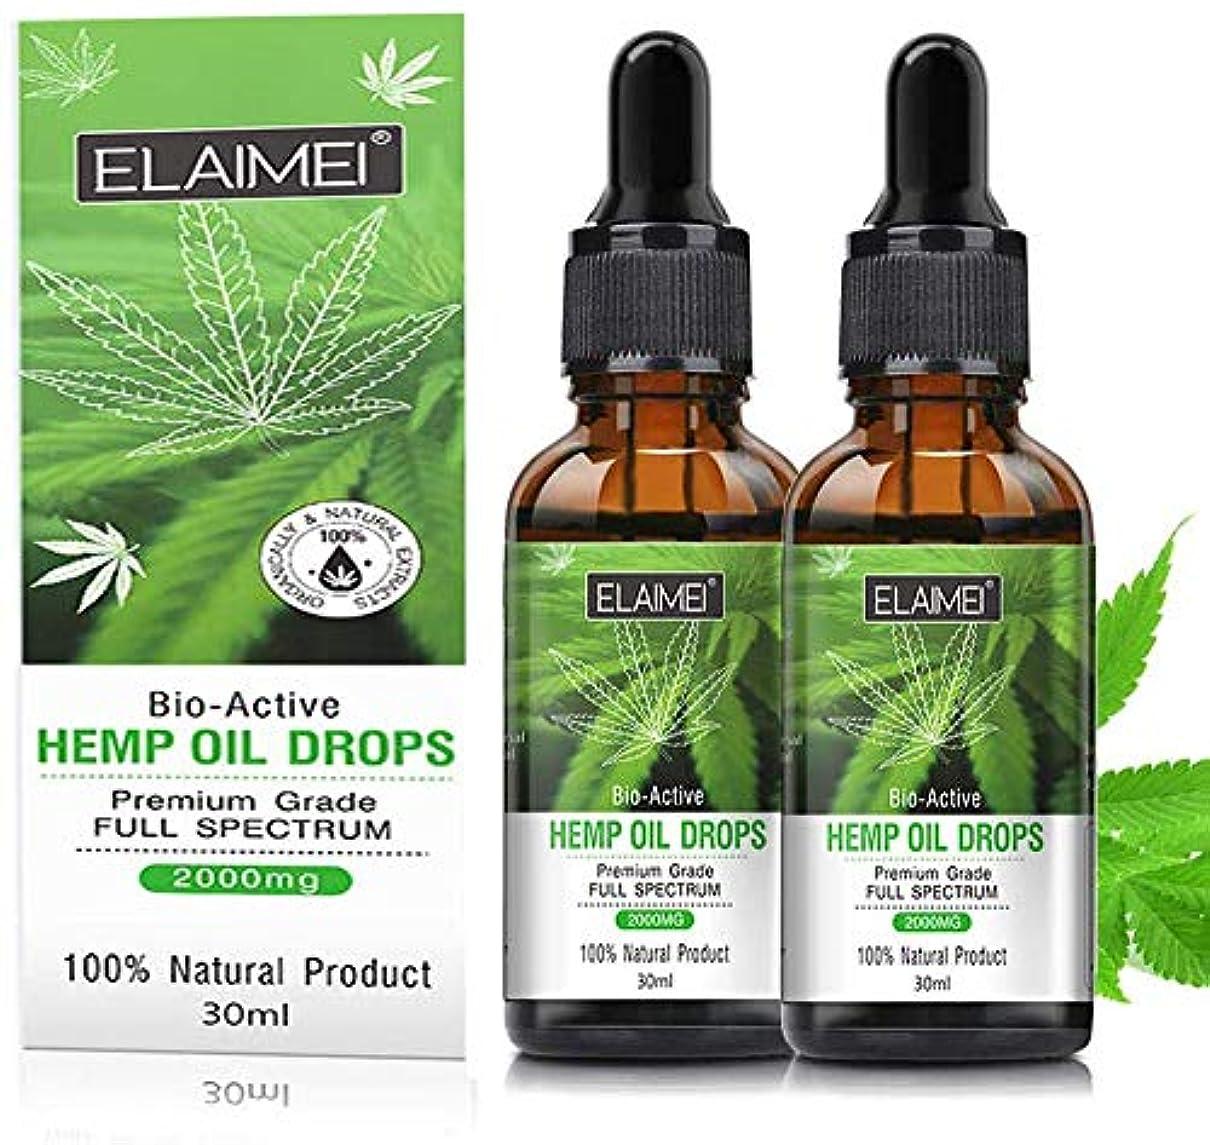 反動馬力不純ナチュラルオイル 鎮痛のための有機ヘンプシードオイル 鎮痛のための有機麻オイル睡眠補助抗ストレス不安 天然エキス 肌と髪に役立ちます 2ボトル (3-6-9サプリメント)